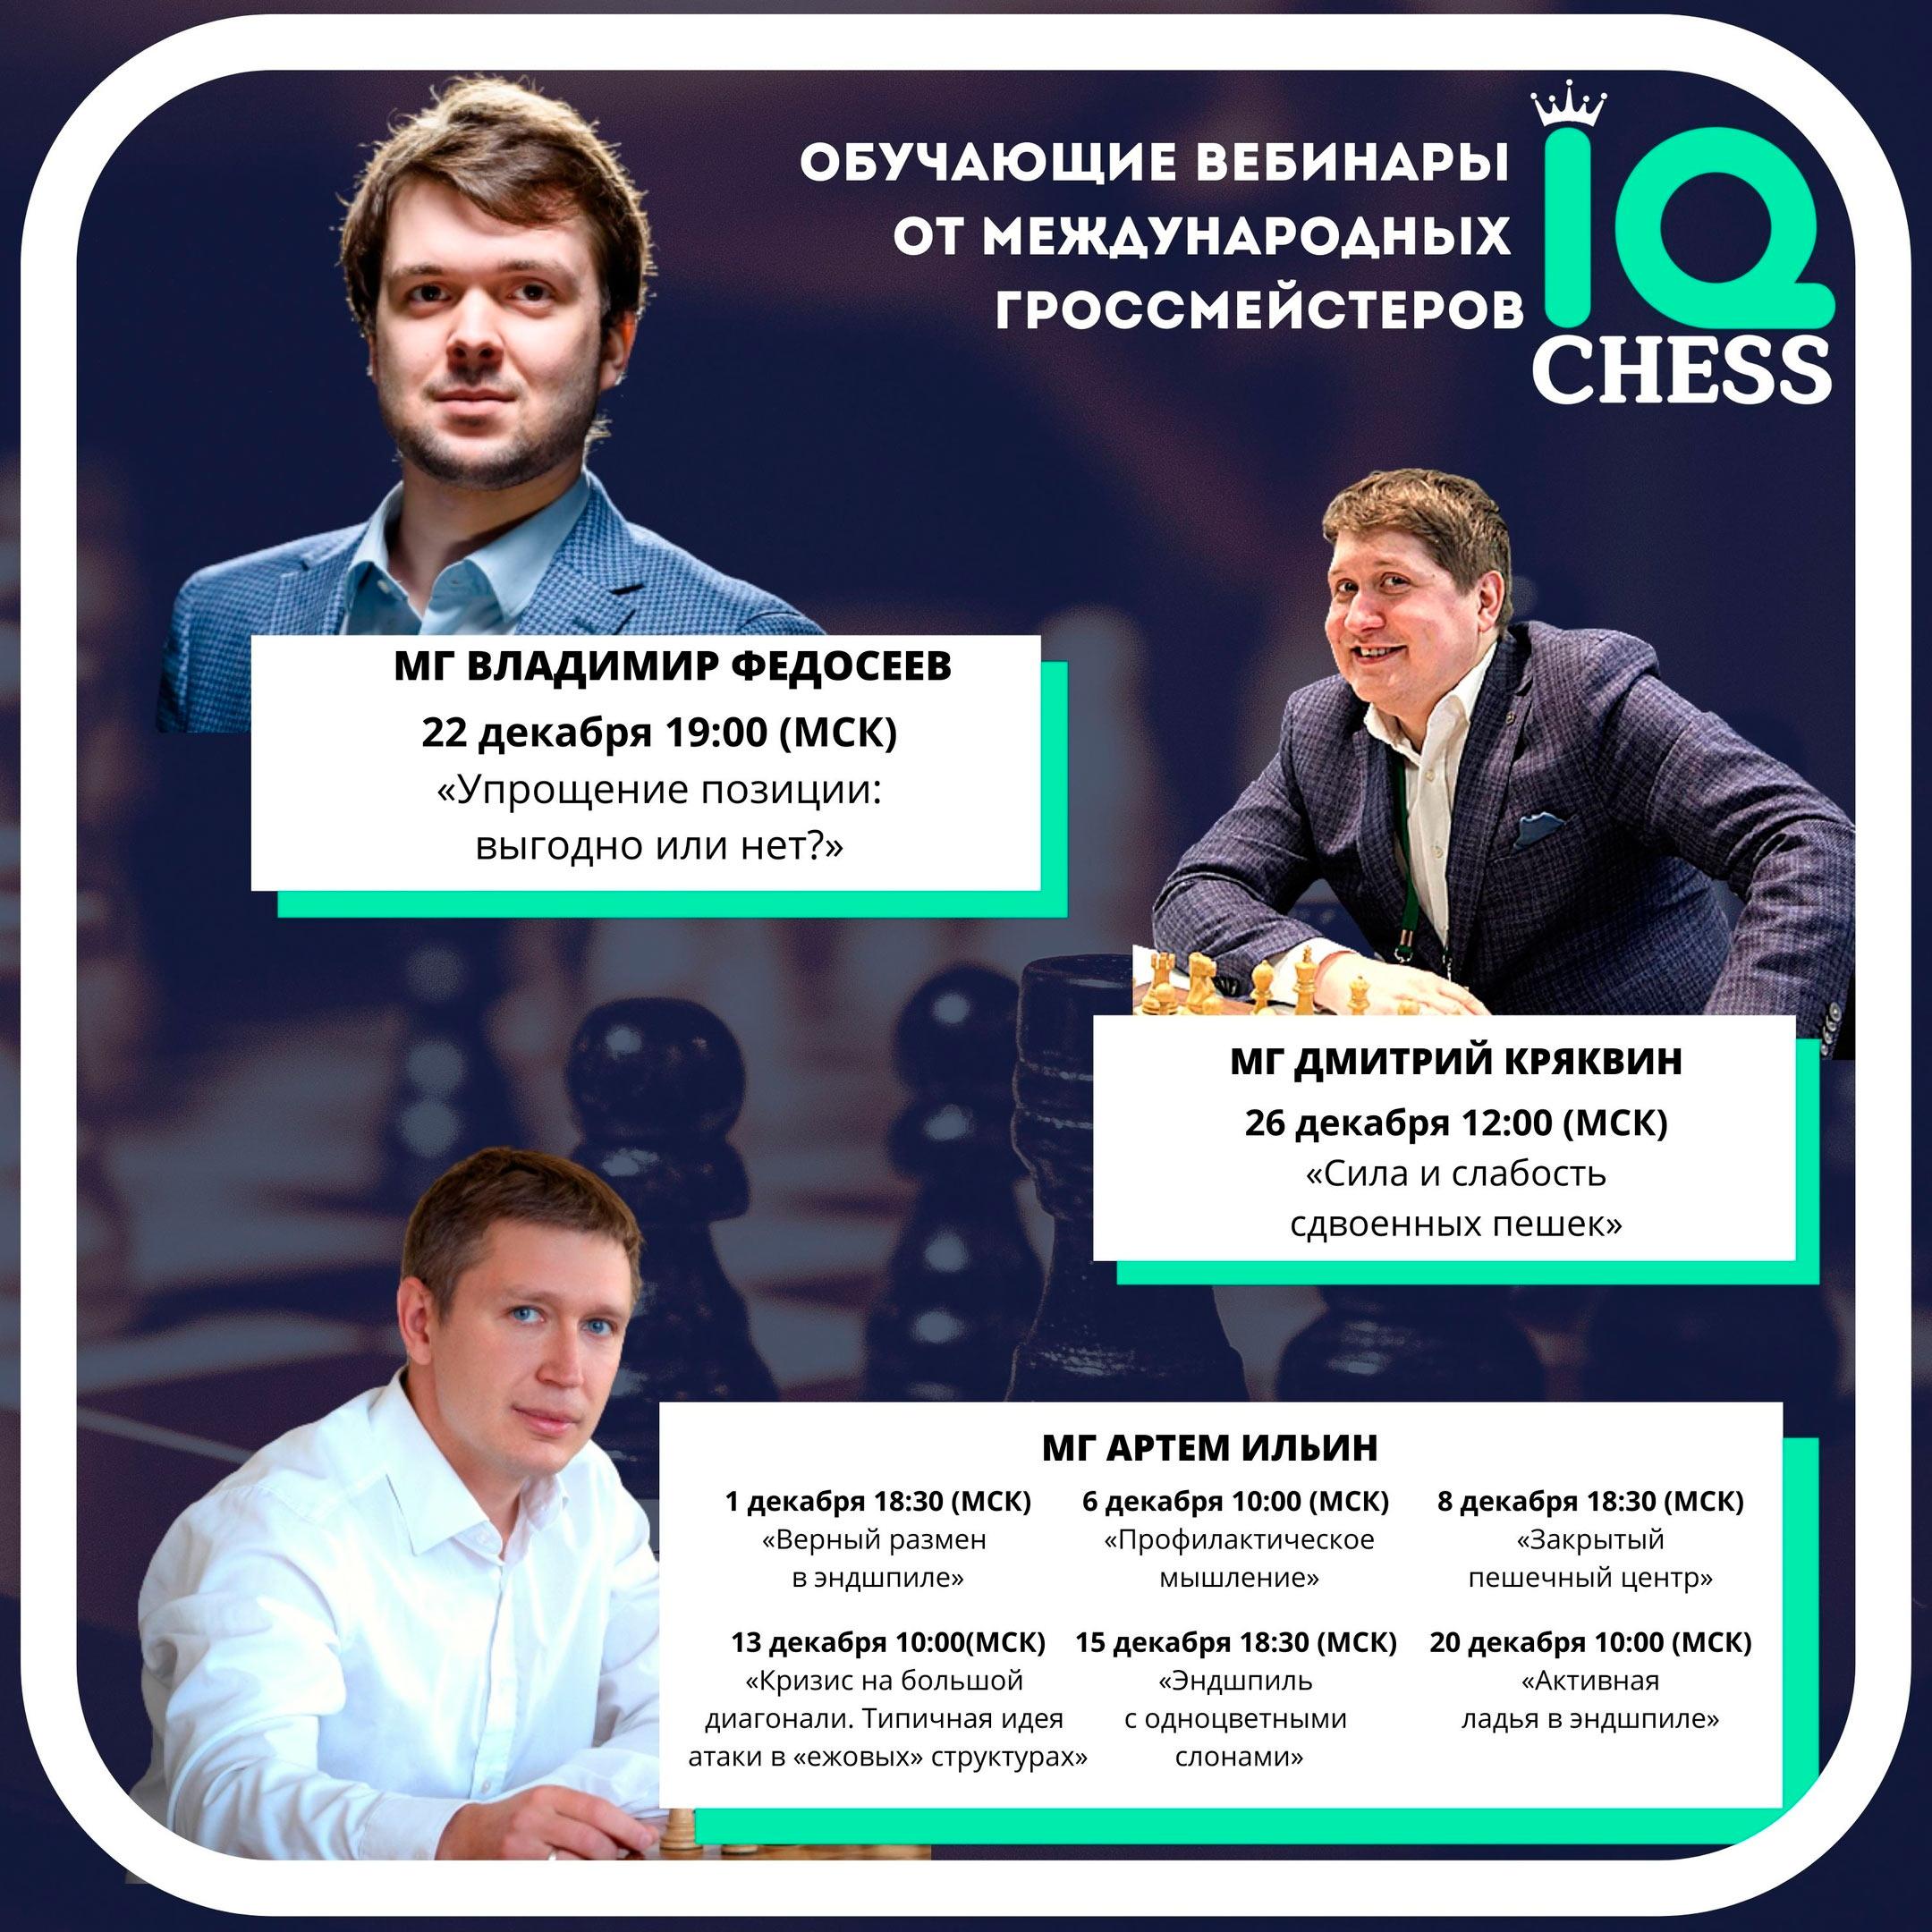 Шахматные вебинара с участием известных гроссмейстеров в декабре 2020